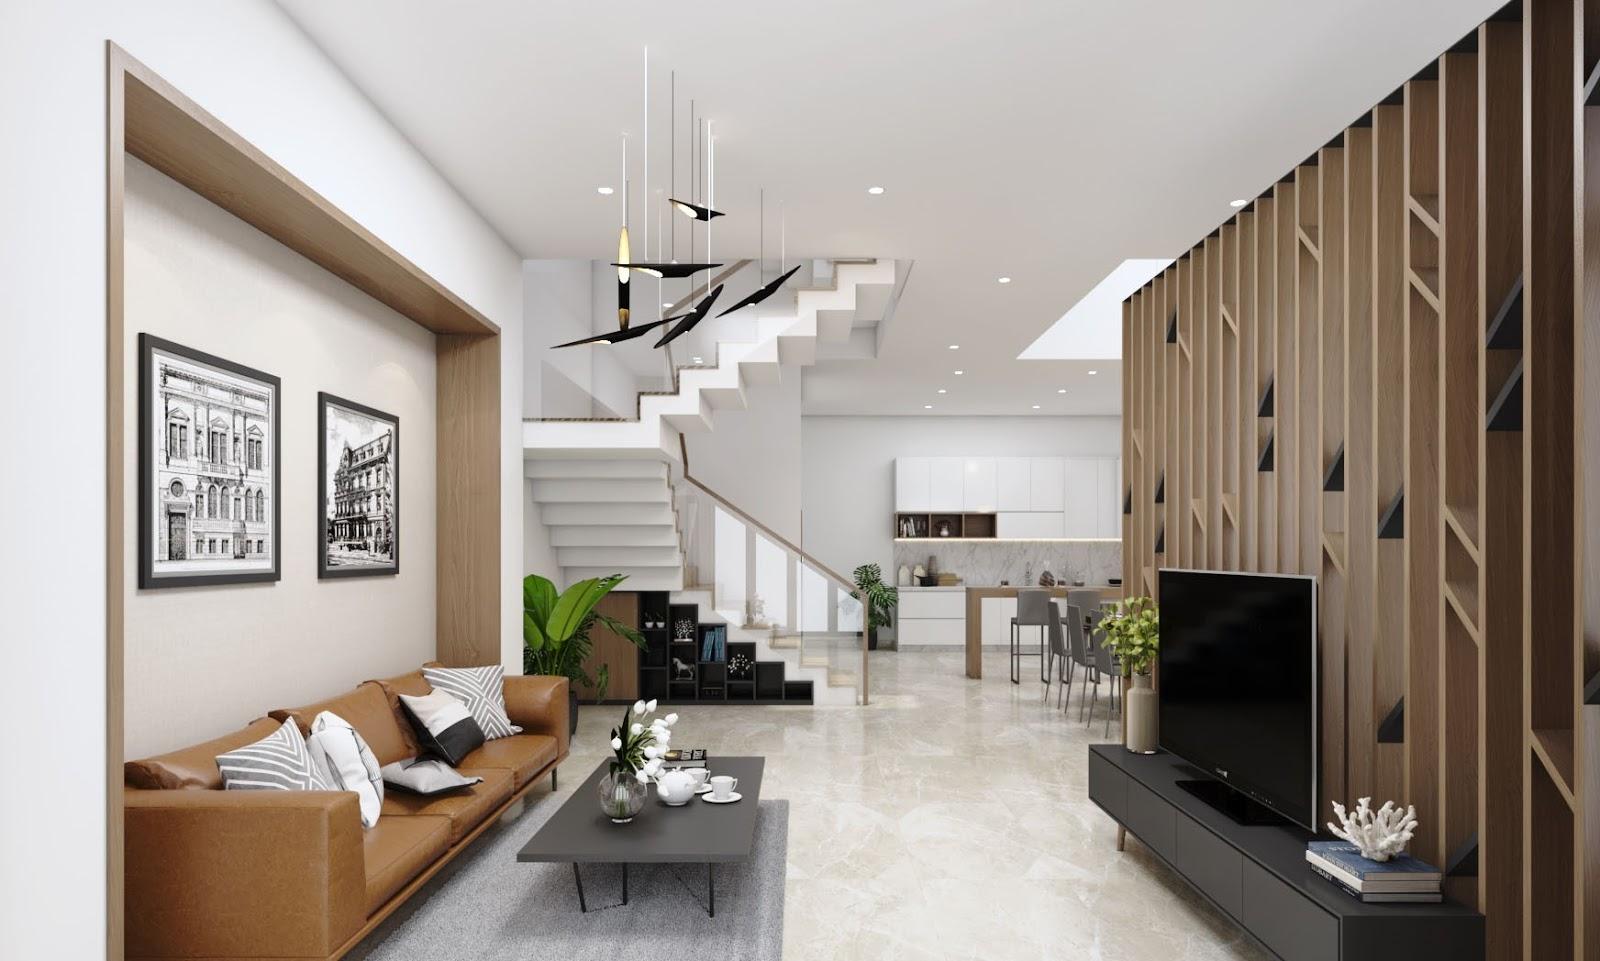 11 cách trang trí phòng khách hiện đại